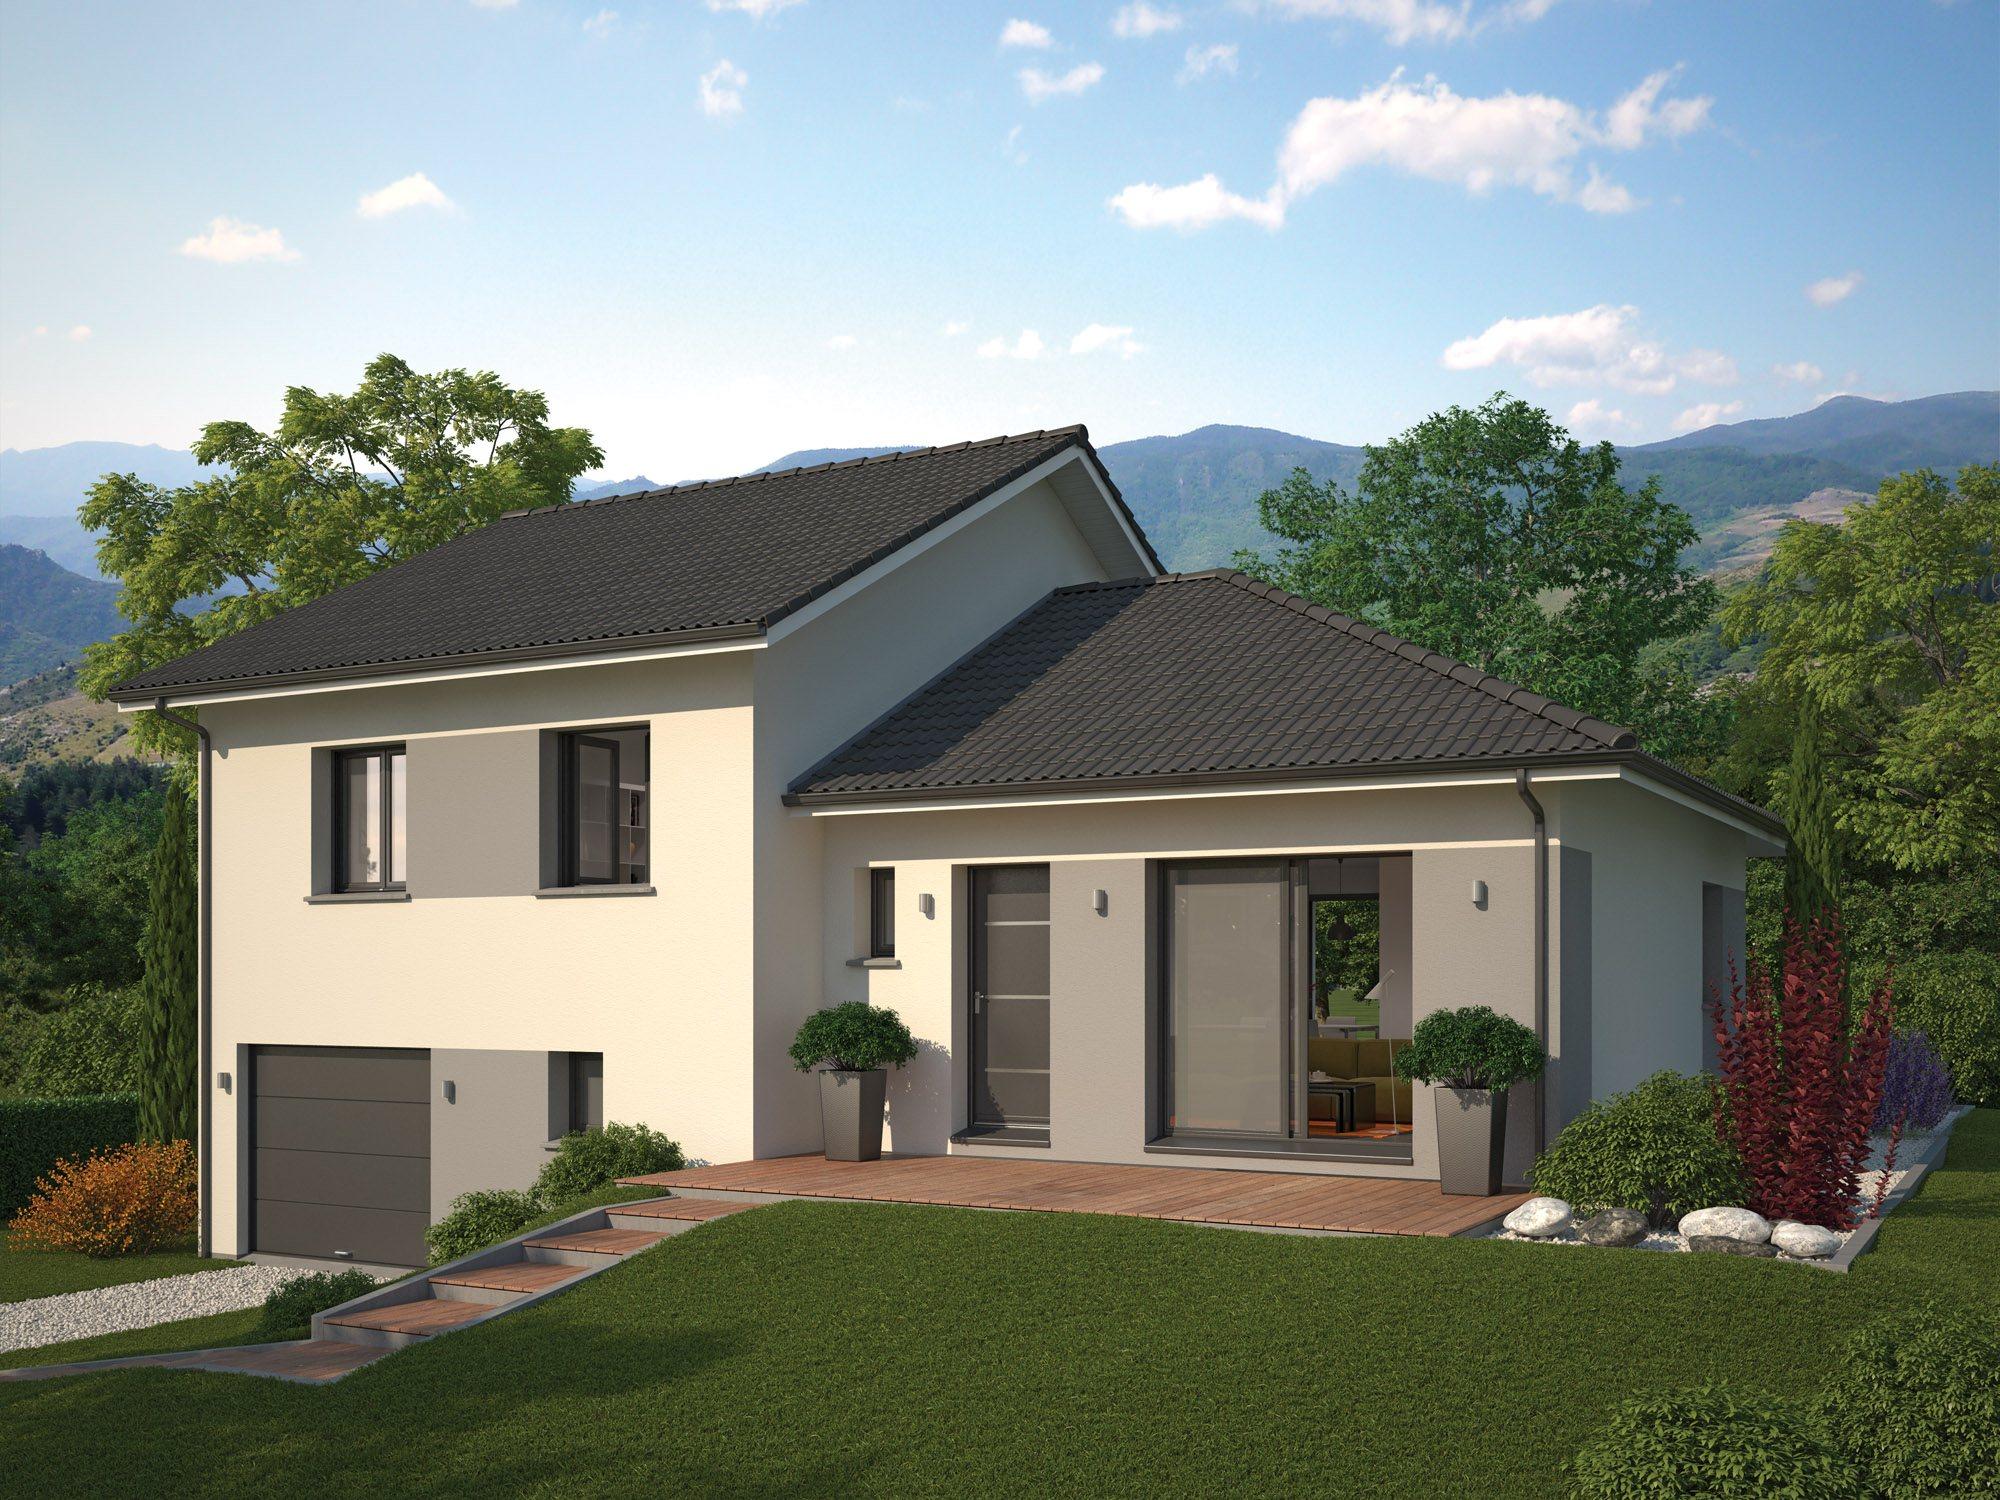 Maisons + Terrains du constructeur Maisons familiales Échirolles • 110 m² • LAFFREY